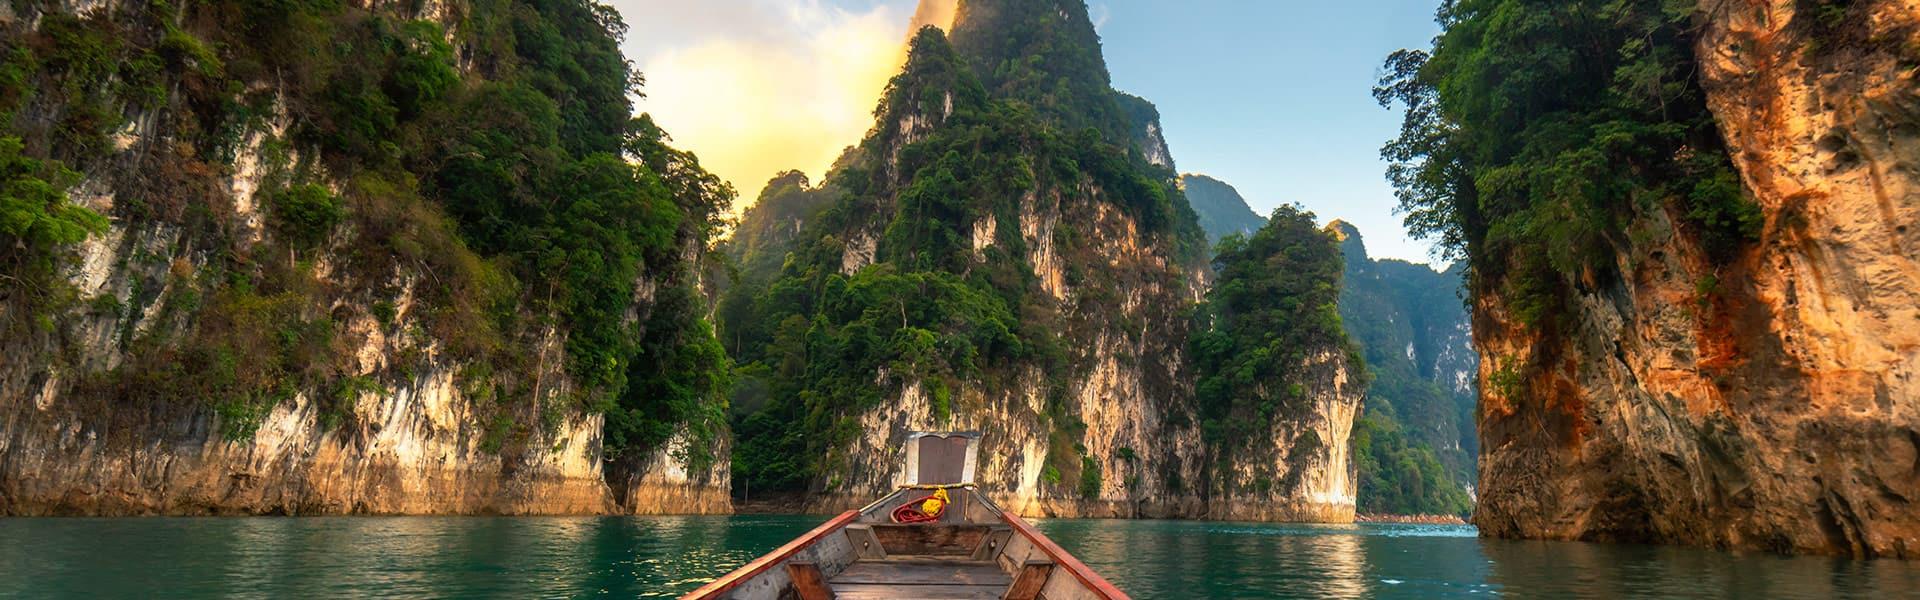 Asia: Thailand, Vietnam & Malaysia to Singapore